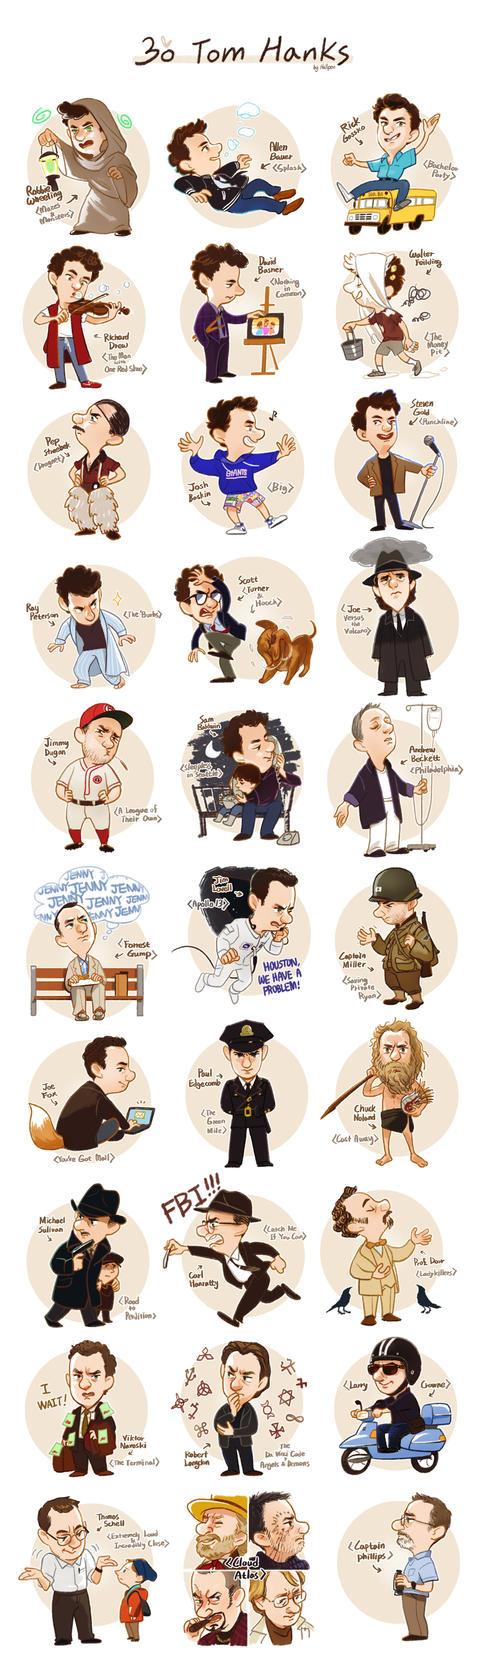 30 Tom Hanks by Hallpen